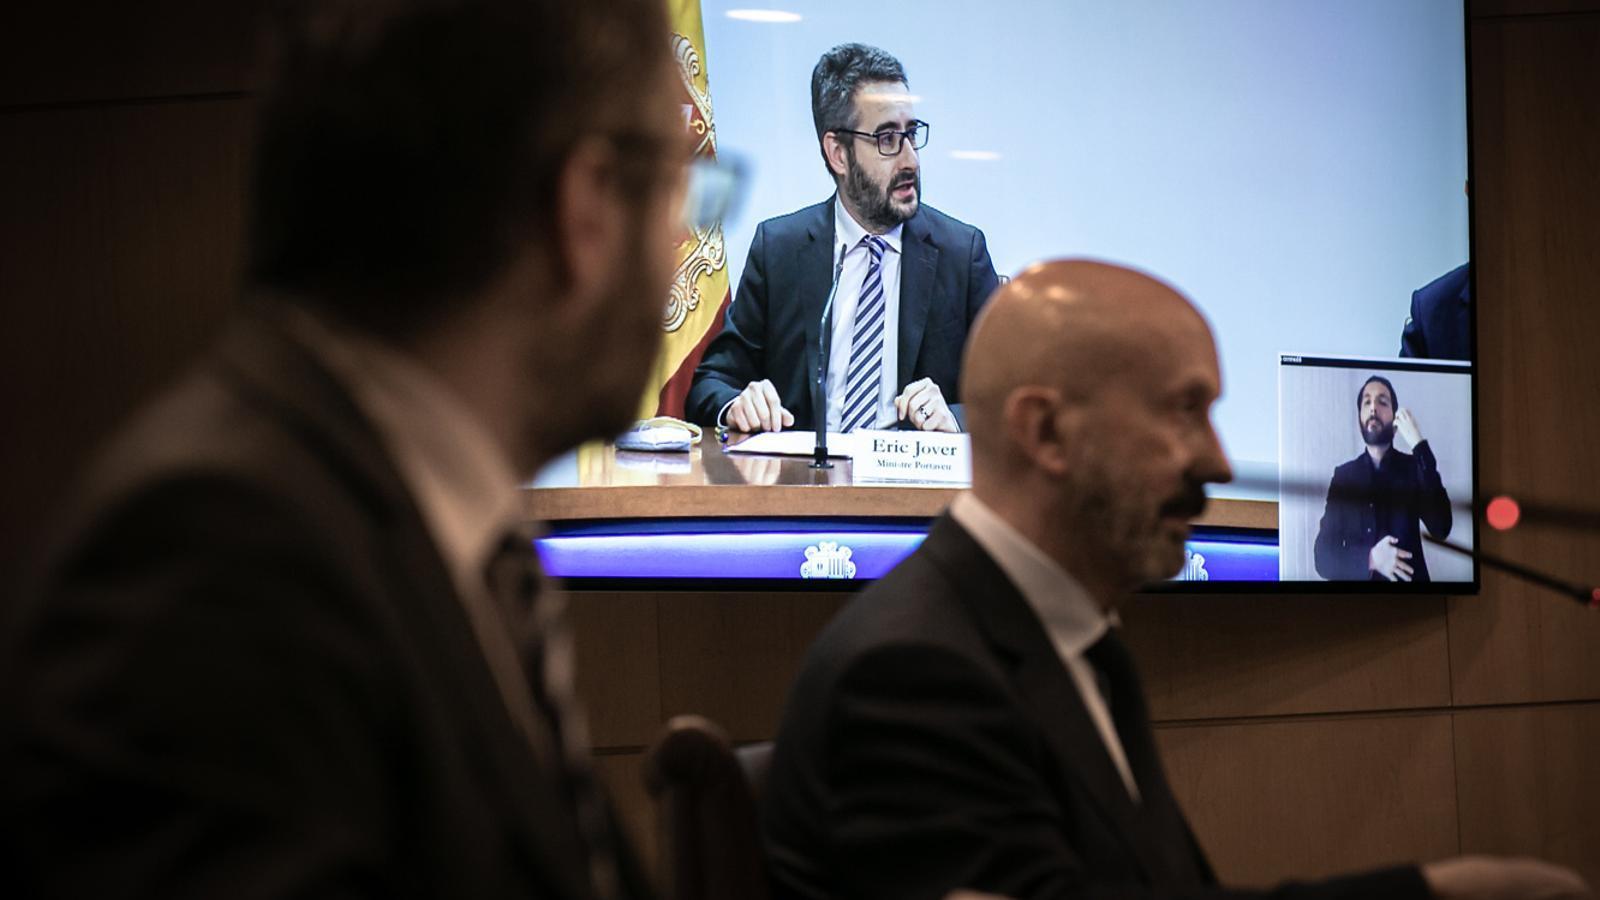 El ministre portaveu, Eric Jover, reflectit a la plantalla televisiva de la sala on es fan les rodes de premsa del Govern. / SFG